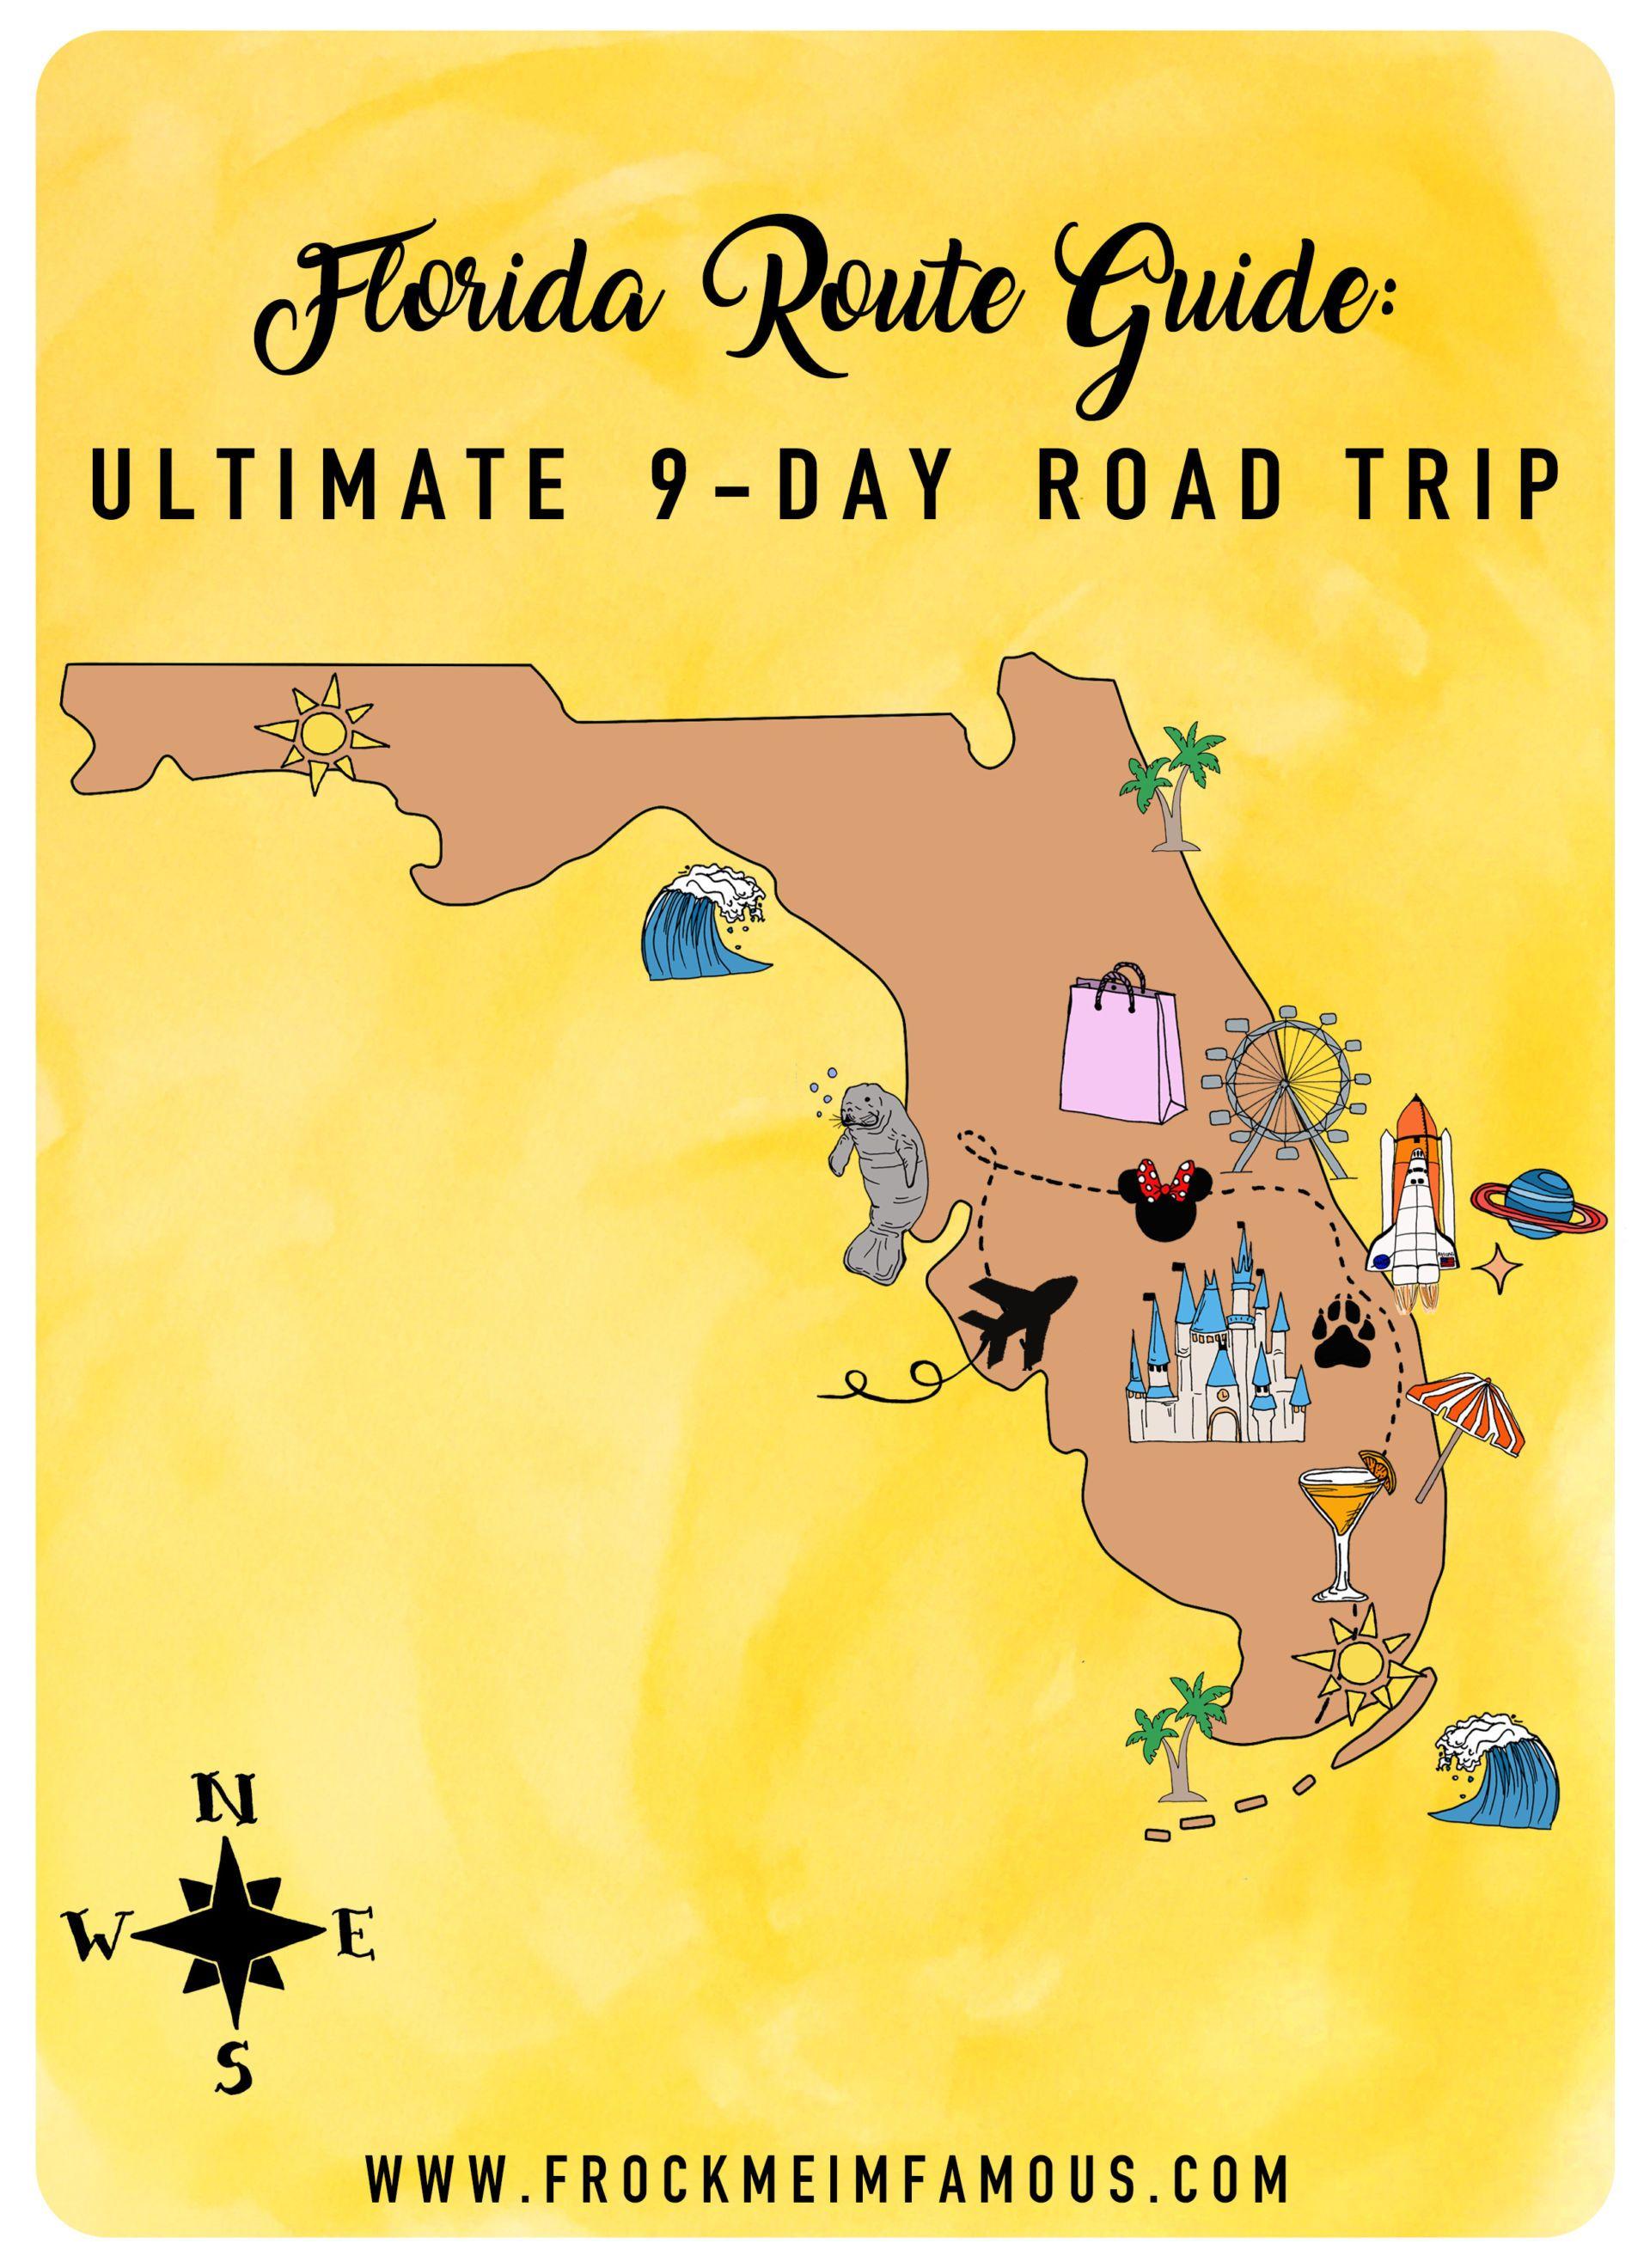 2391ea91a277d29a21c2999fa5f6c859 - How Many Days Does It Take To Get To Florida